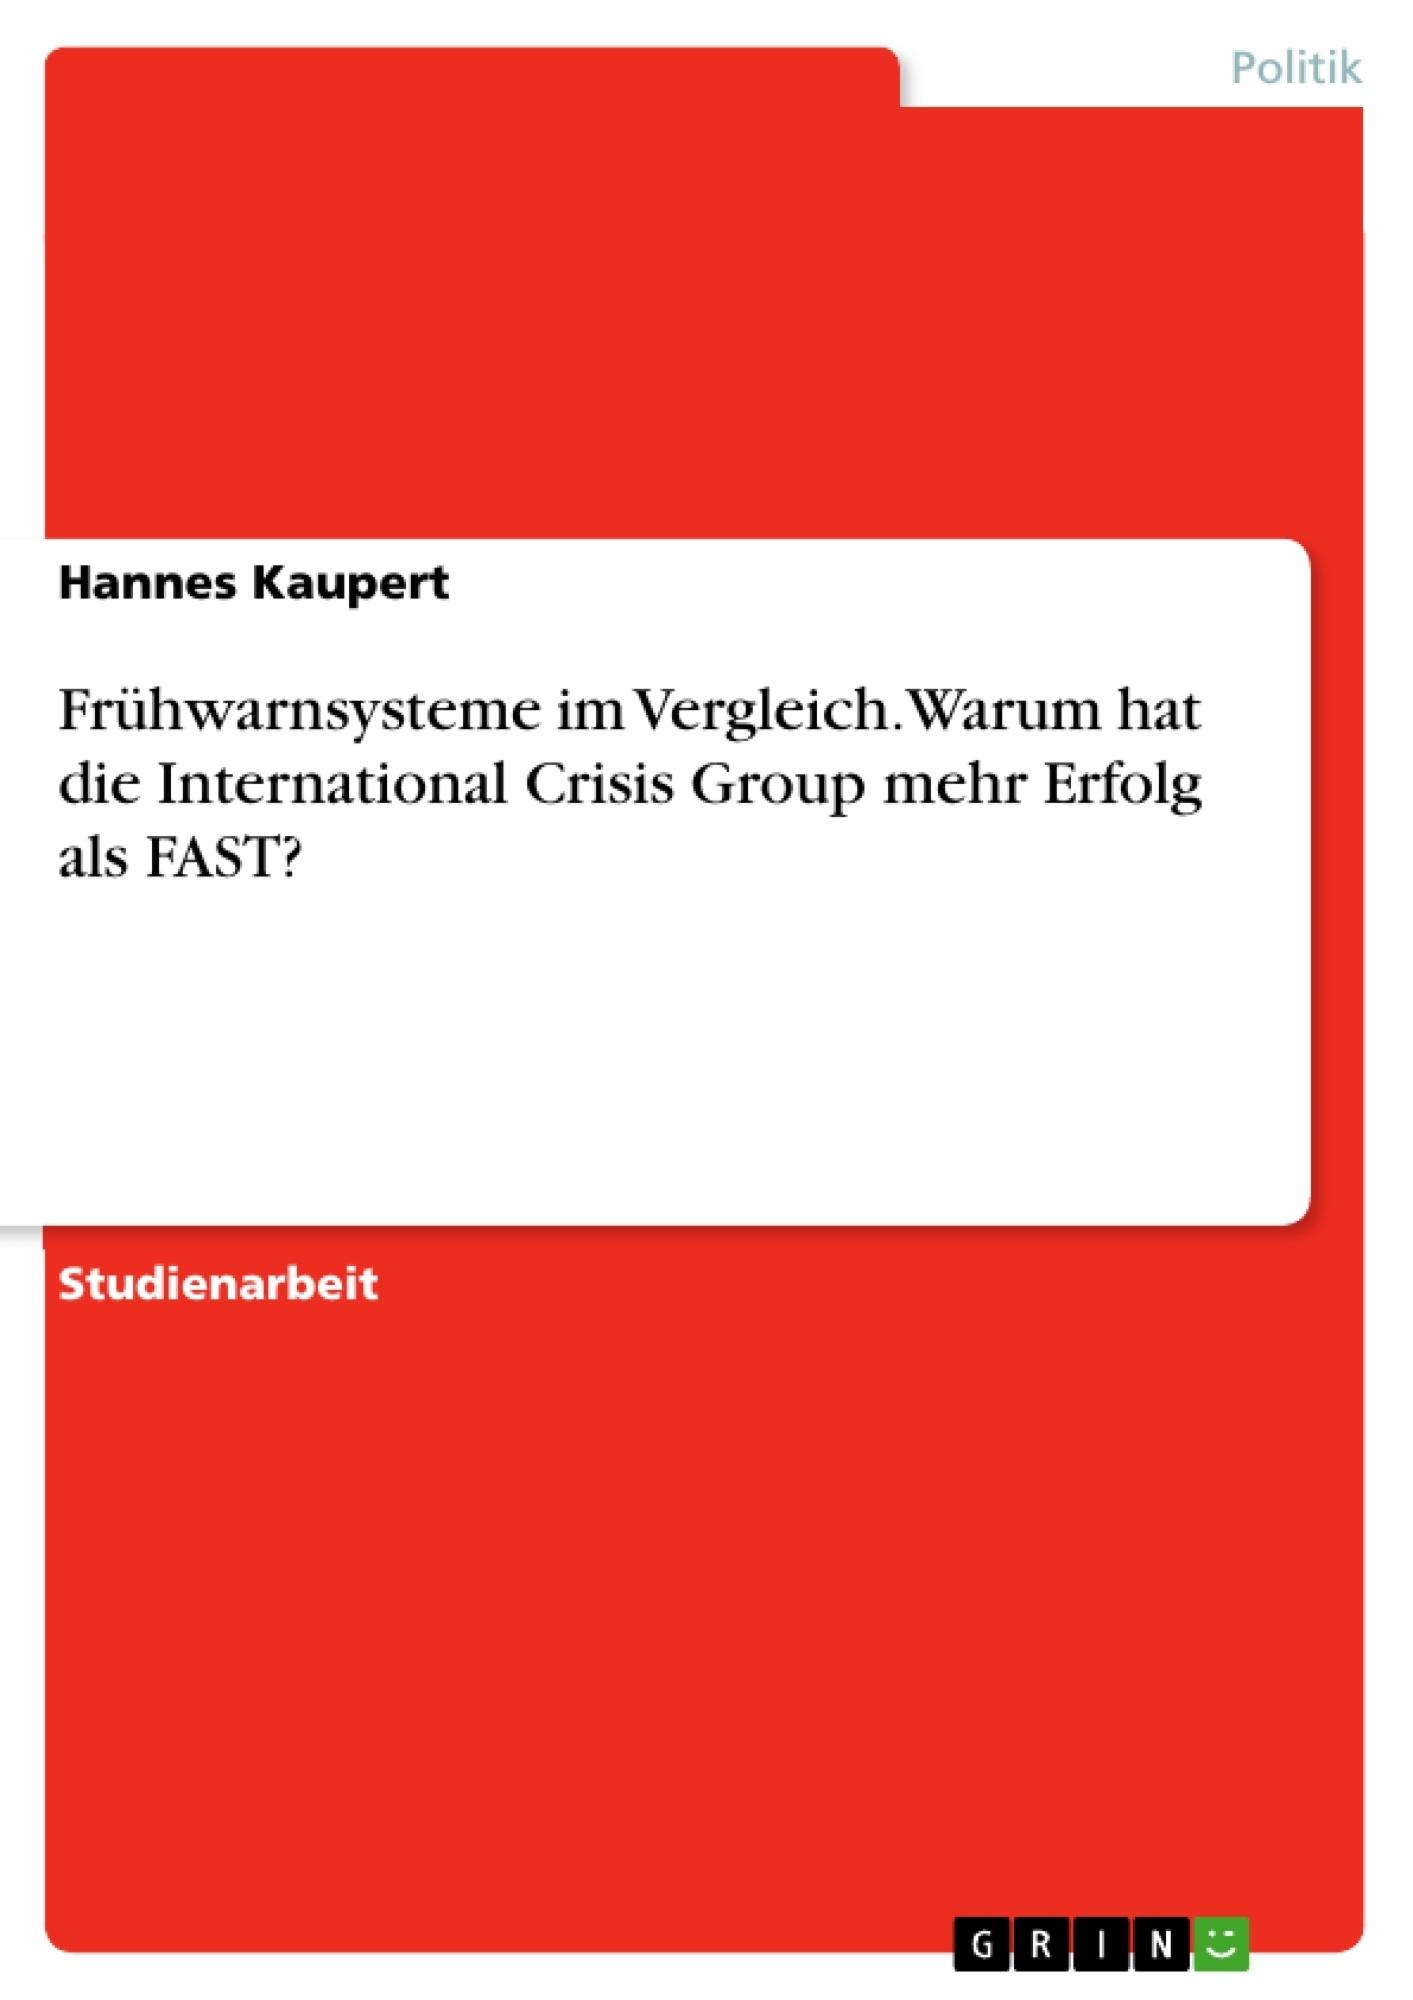 Titel: Frühwarnsysteme im Vergleich. Warum hat die International Crisis Group mehr Erfolg als FAST?